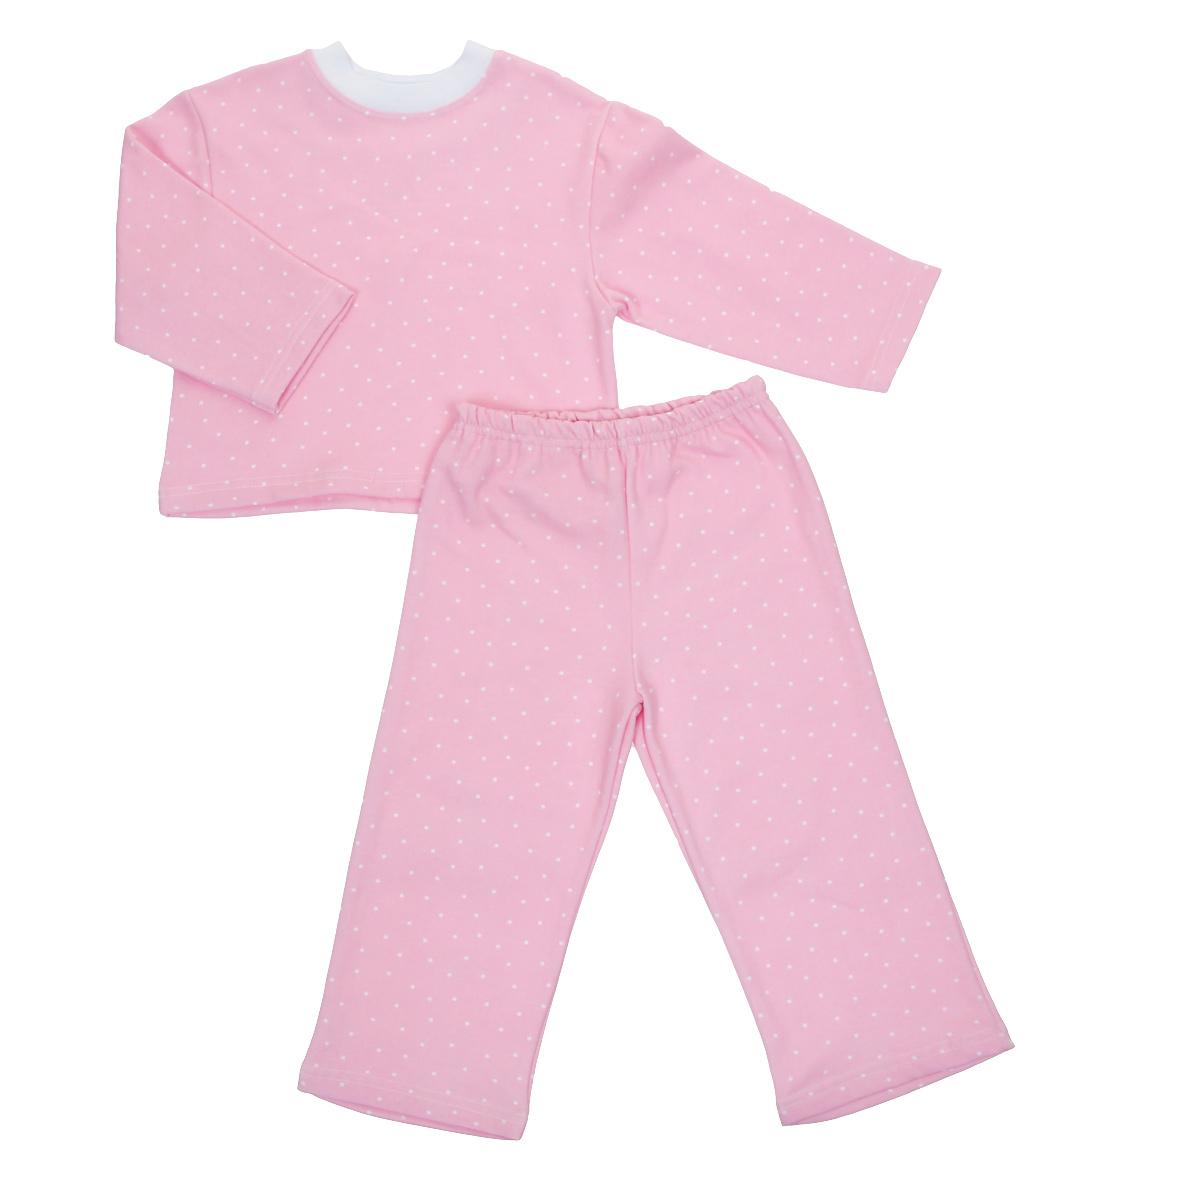 Пижама детская Трон-плюс, цвет: розовый, белый, рисунок горох. 5553. Размер 98/104, 3-5 лет5553Яркая детская пижама Трон-плюс, состоящая из кофточки и штанишек, идеально подойдет вашему малышу и станет отличным дополнением к детскому гардеробу. Теплая пижама, изготовленная из набивного футера - натурального хлопка, необычайно мягкая и легкая, не сковывает движения ребенка, позволяет коже дышать и не раздражает даже самую нежную и чувствительную кожу малыша. Кофта с длинными рукавами имеет круглый вырез горловины. Штанишки на удобной резинке не сдавливают животик ребенка и не сползают.В такой пижаме ваш ребенок будет чувствовать себя комфортно и уютно во время сна.